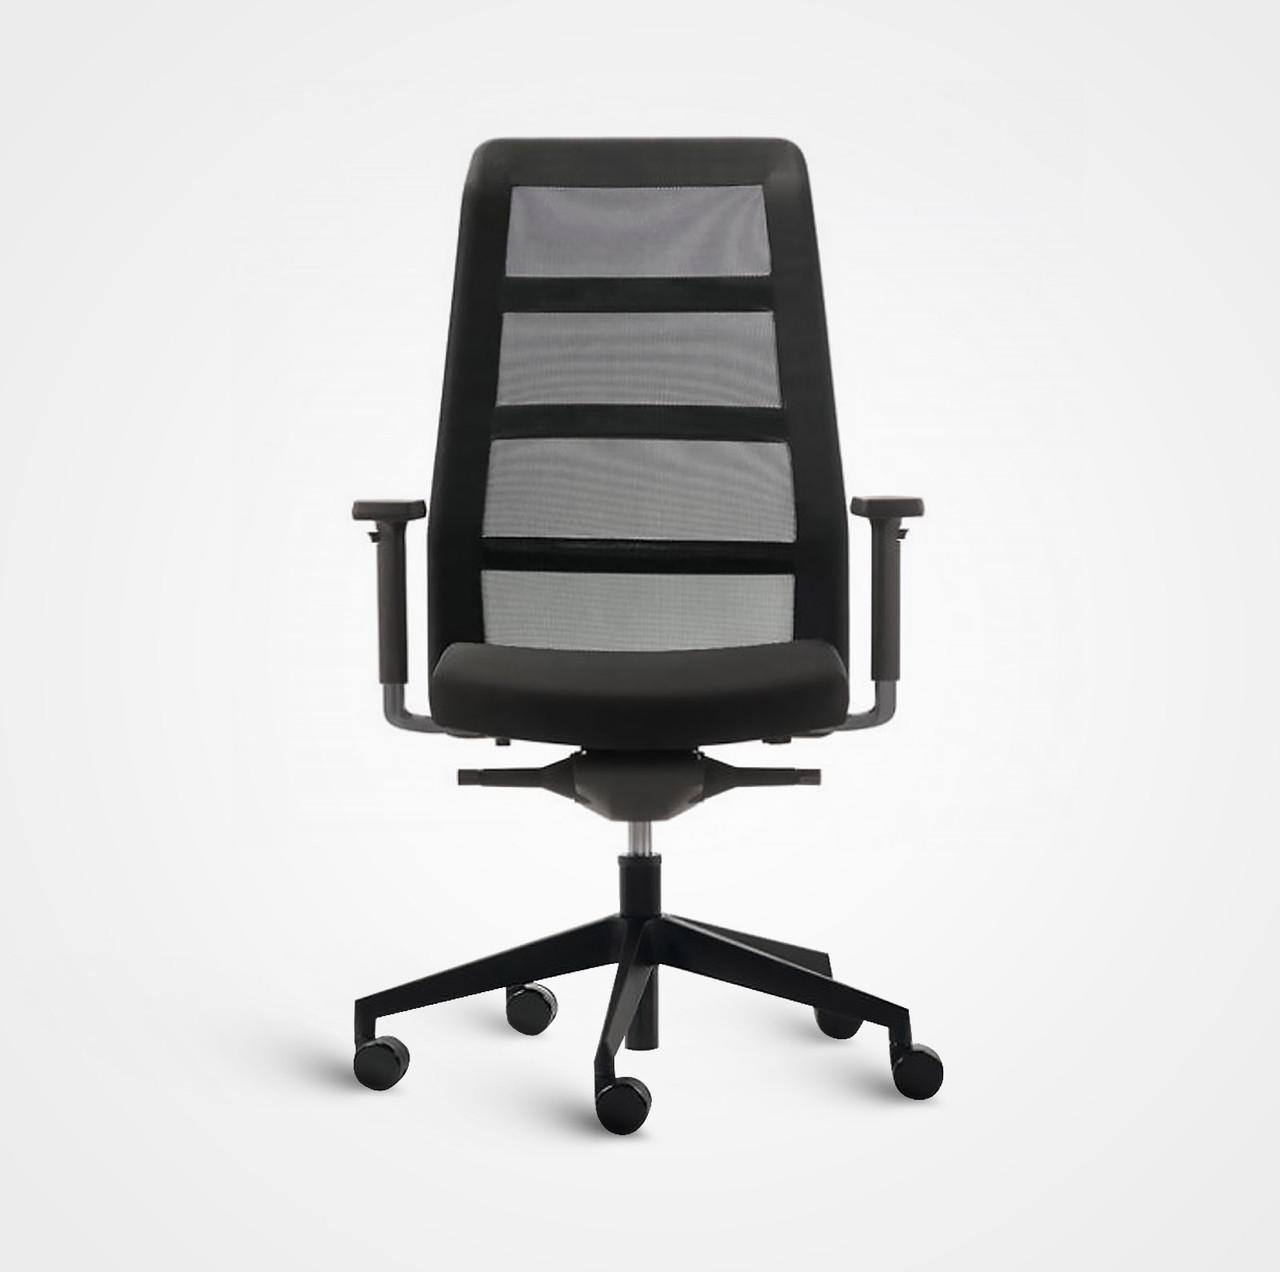 Эргономическое кресло Wiesner Hager Paro_2